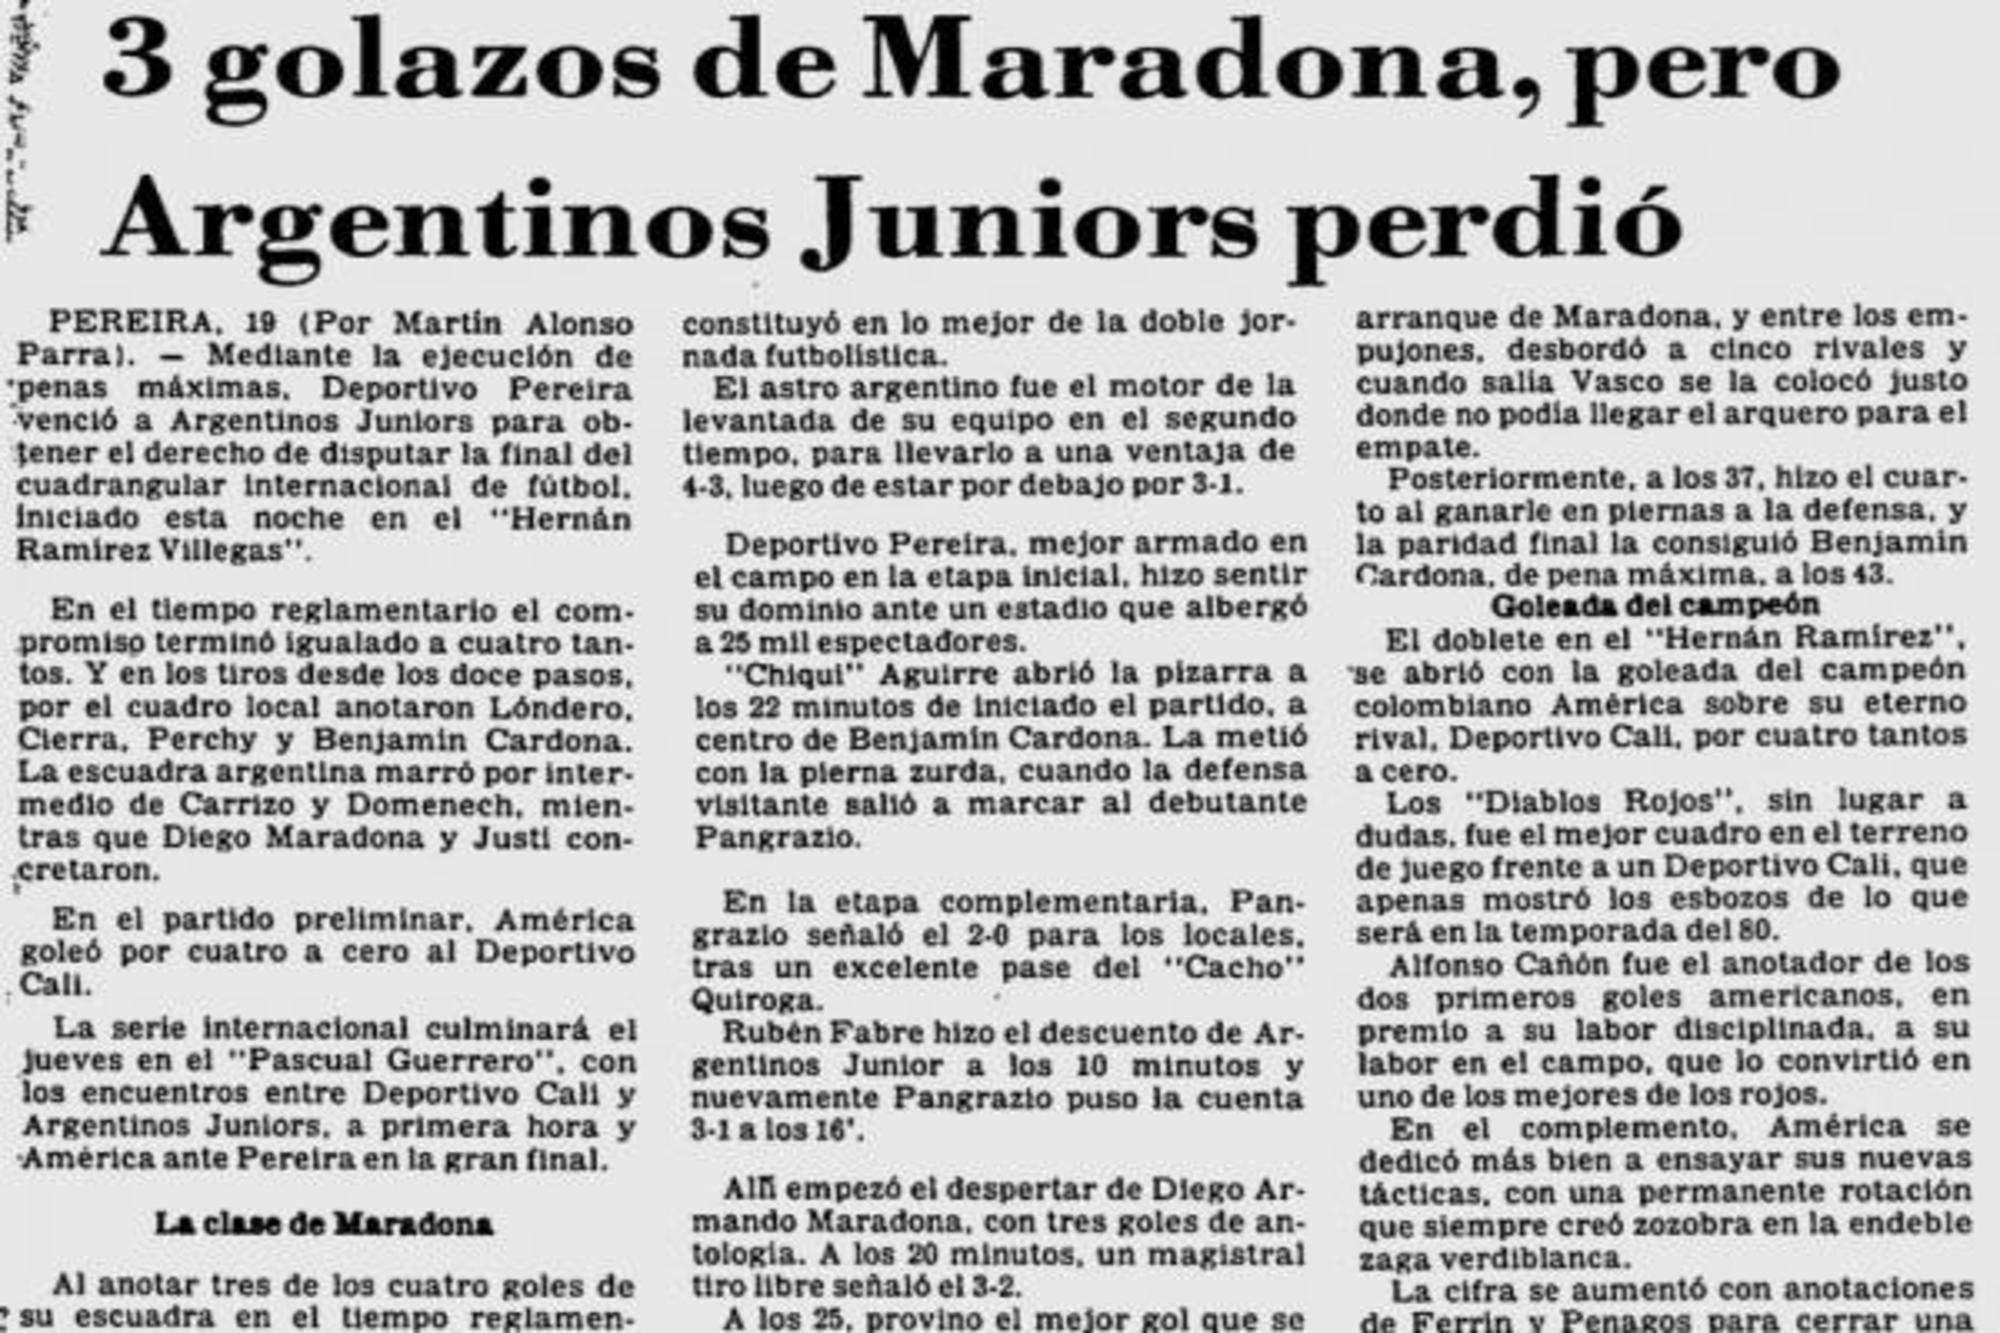 Hace 40 años, Diego Armando Maradona hizo en Colombia el mejor gol de su carrera